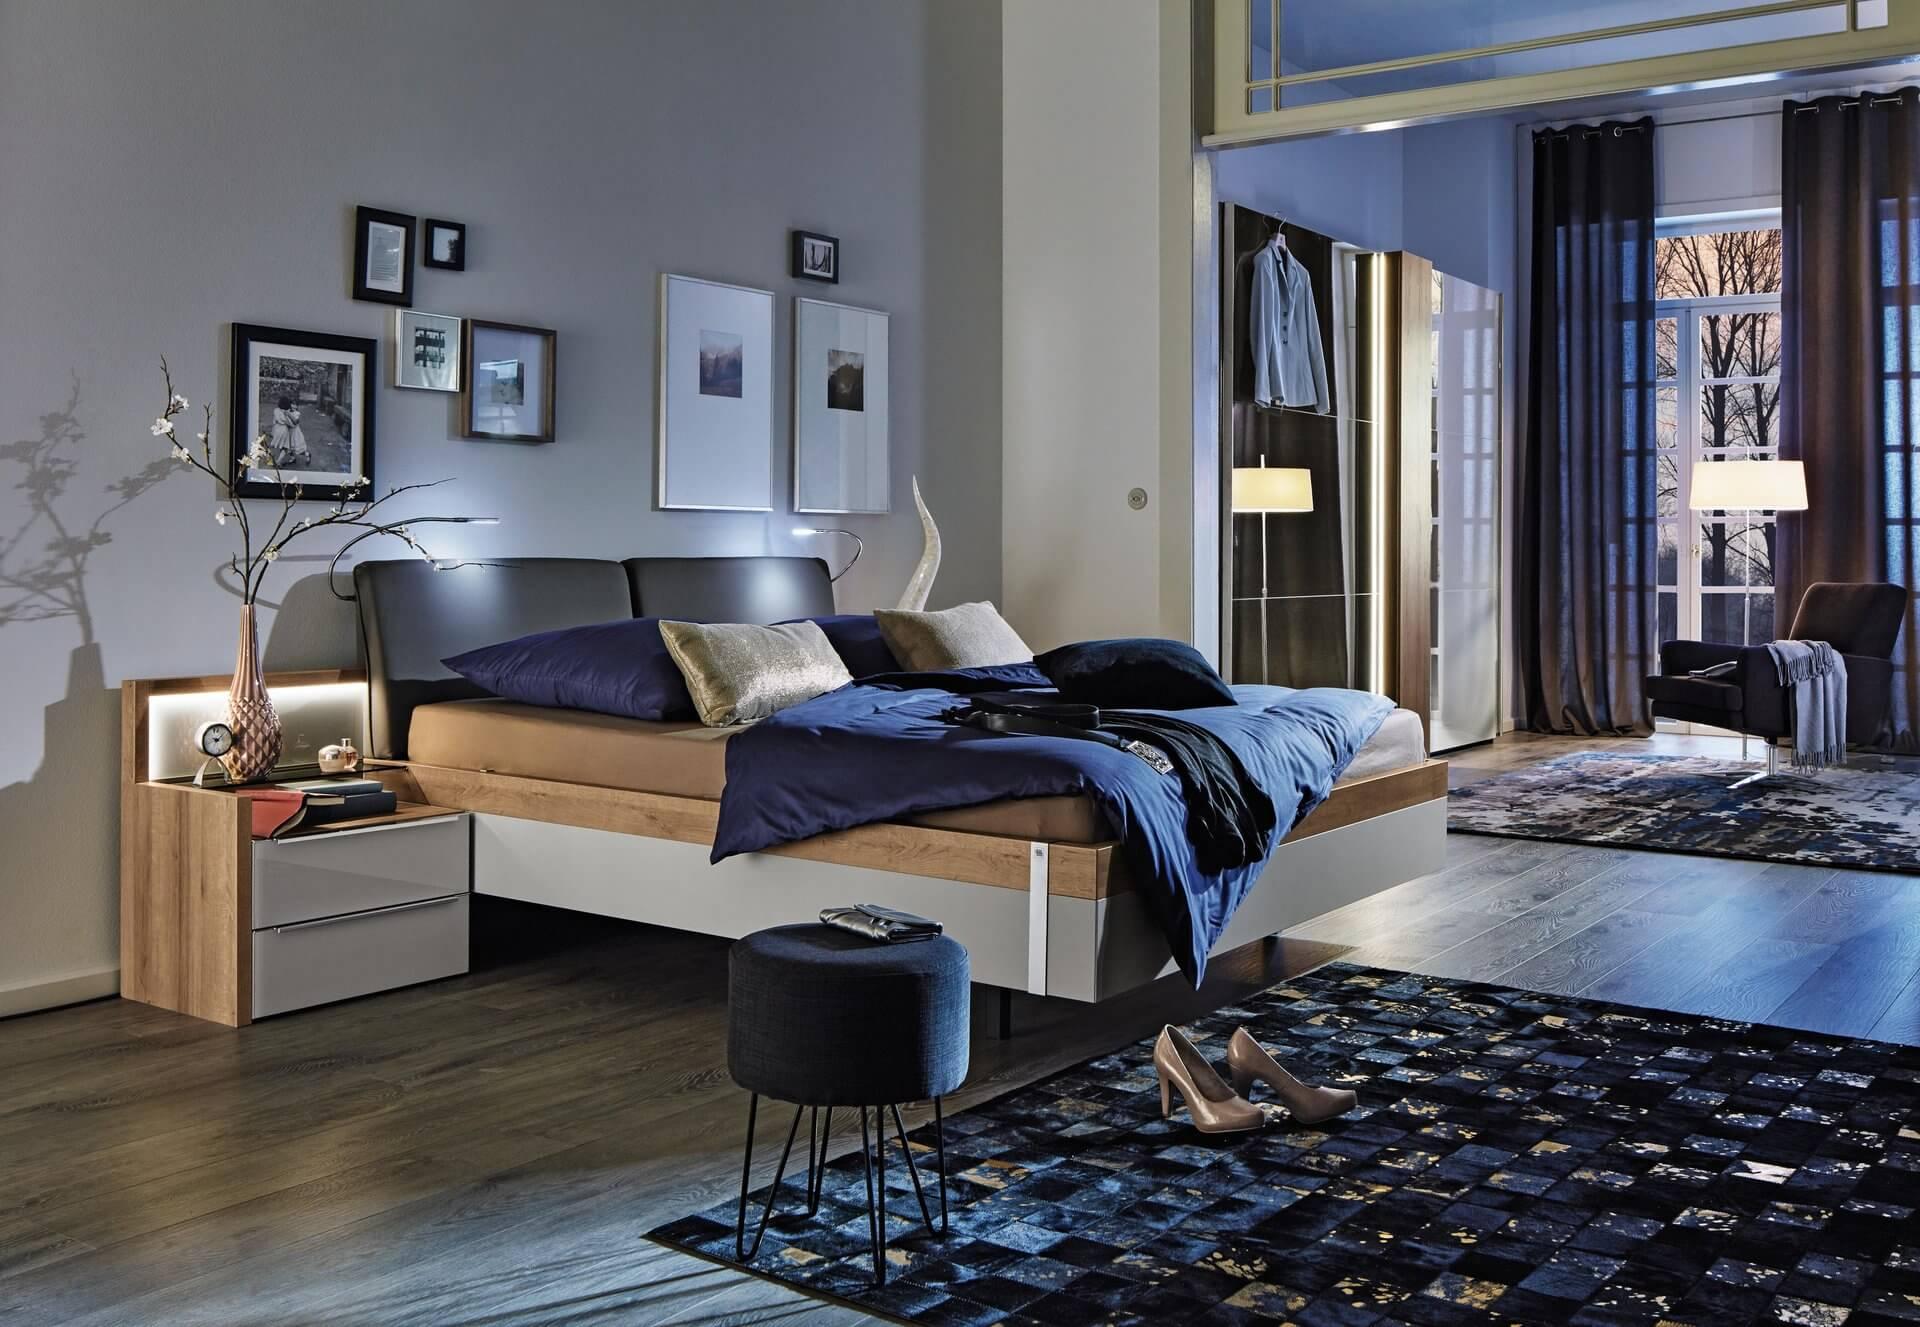 Full Size of Musterring Betten Indio Massivholz Mannheim Antike Hamburg Balinesische Xxl Wohnwert überlänge Schöne Französische Bett Musterring Betten